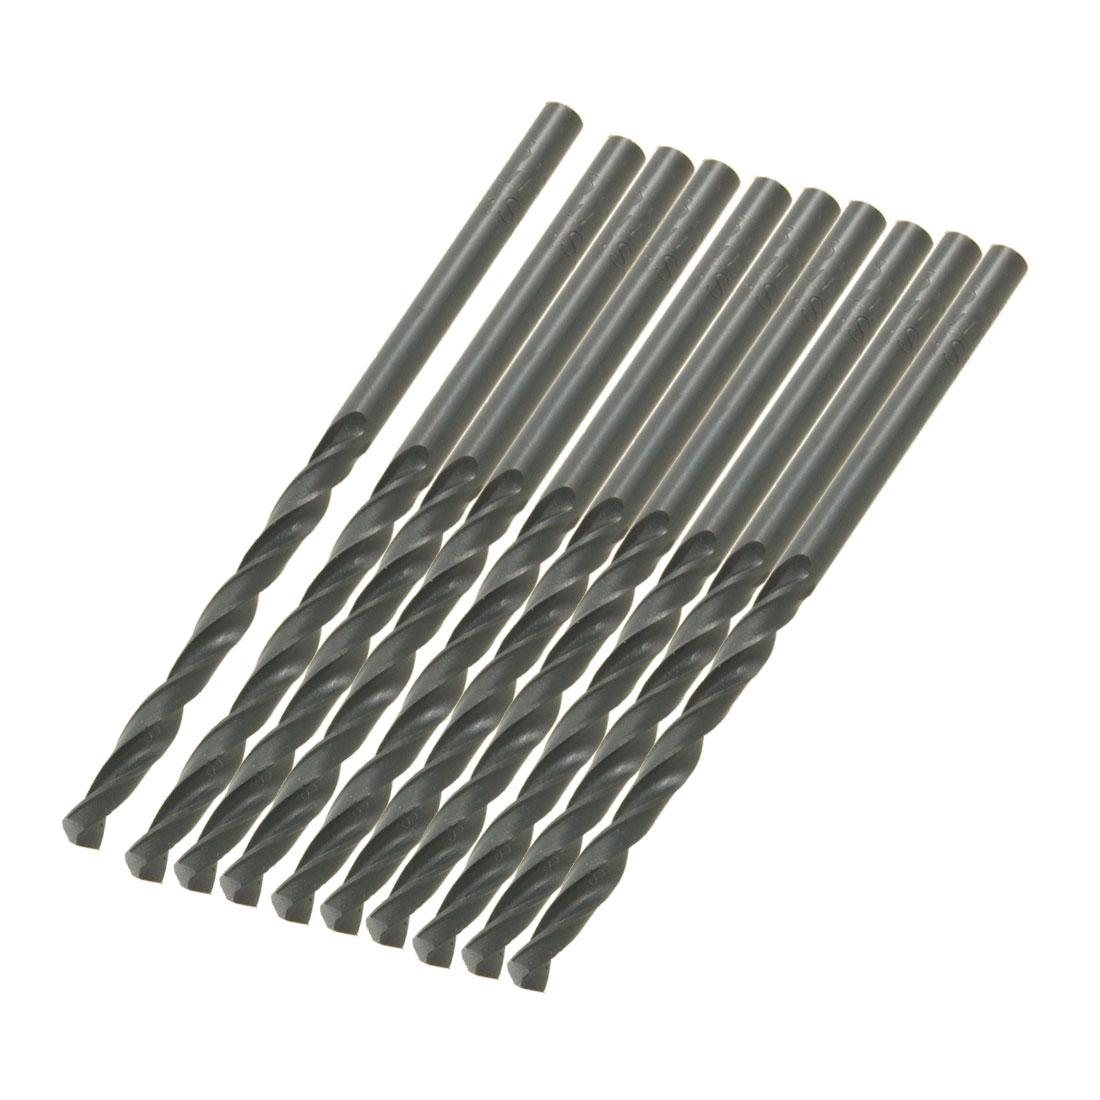 10 Pcs HSS Straight Shank 3.5mm Diameter 71mm Long Twist Drill Bits Black